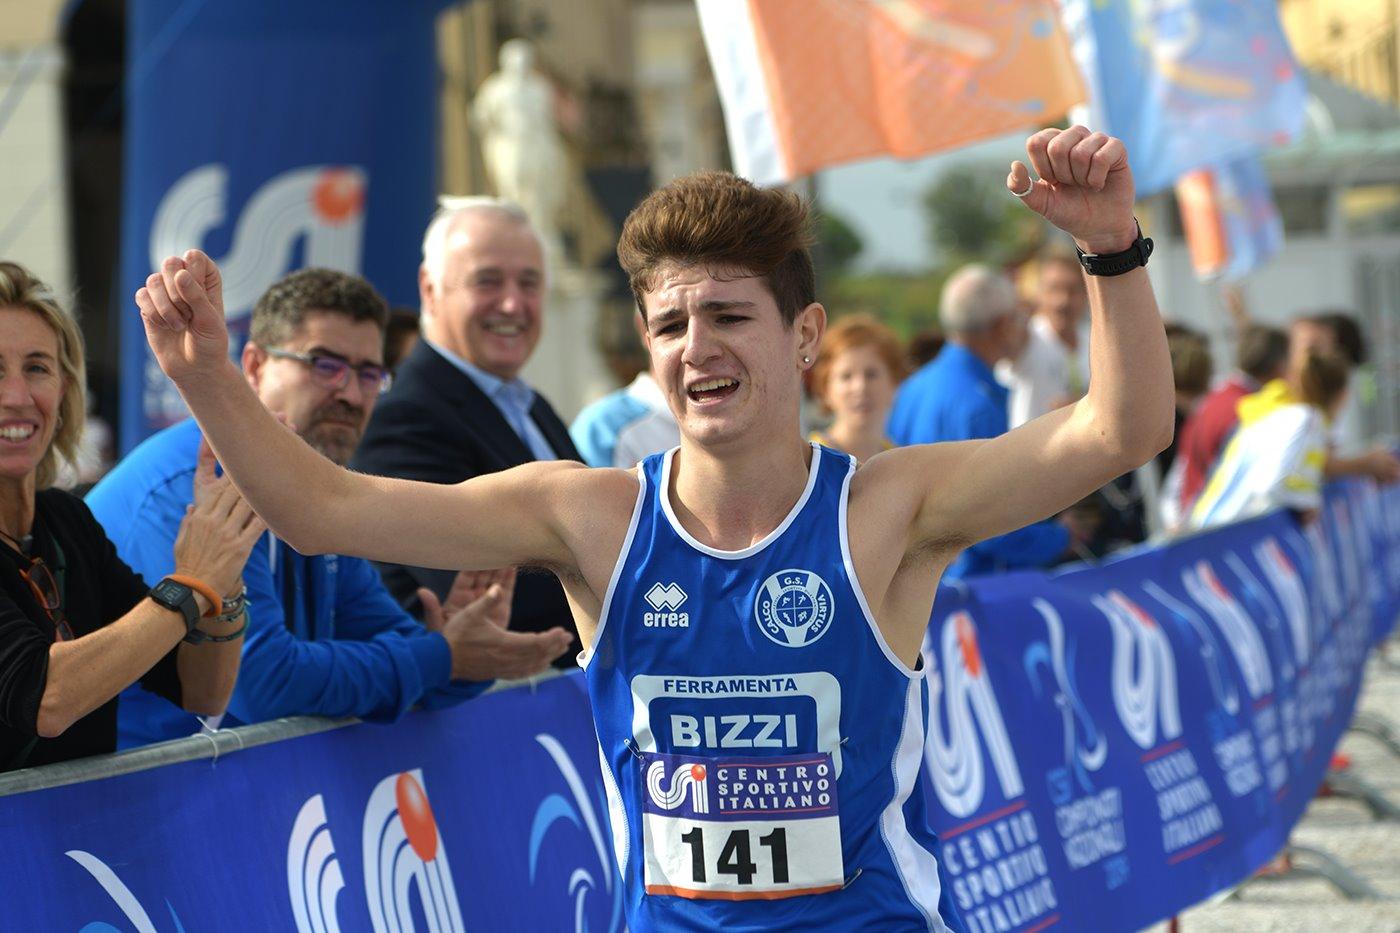 Al via il 9° Campionato Nazionale di Corsa su Strada CSI con oltre 600 atleti da tutta Italia